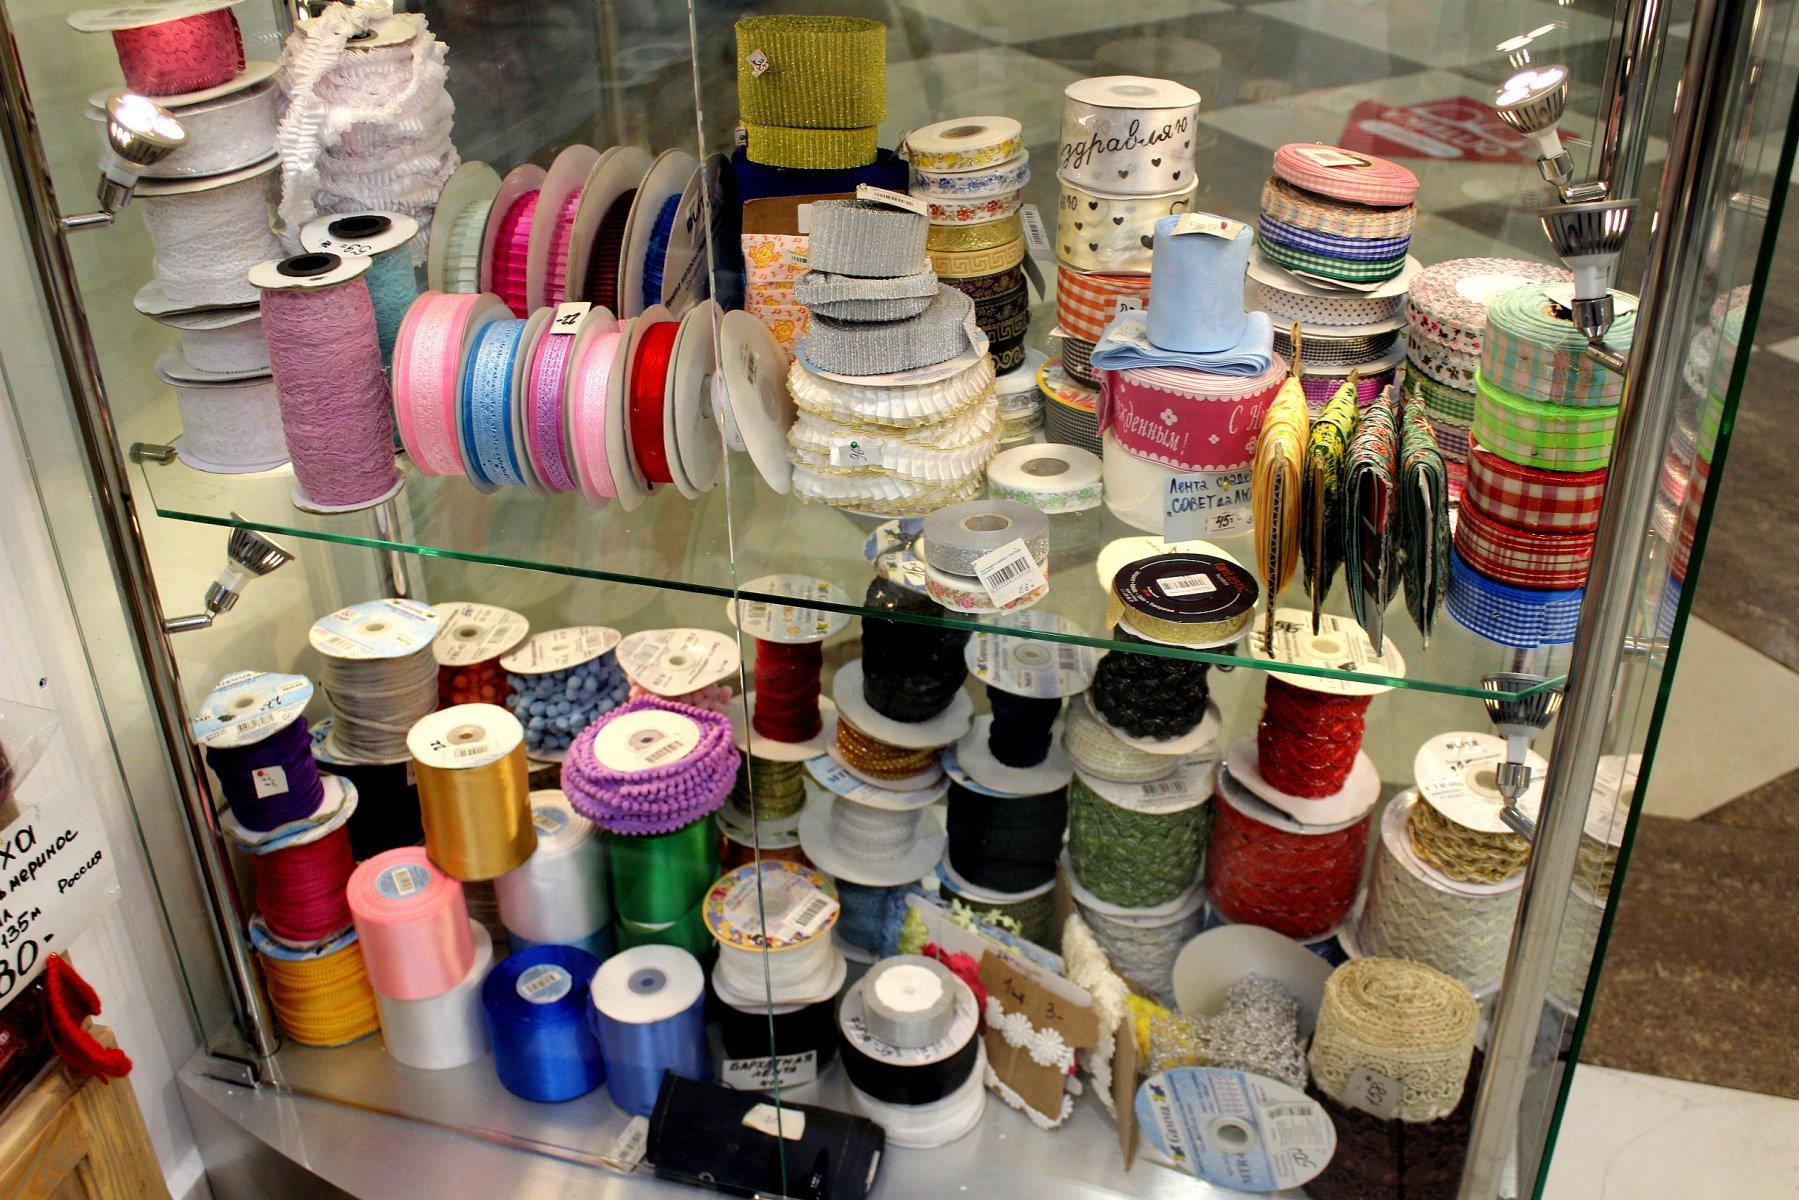 Галантерейные товары: классификация. что относится к галантерейным товарам?